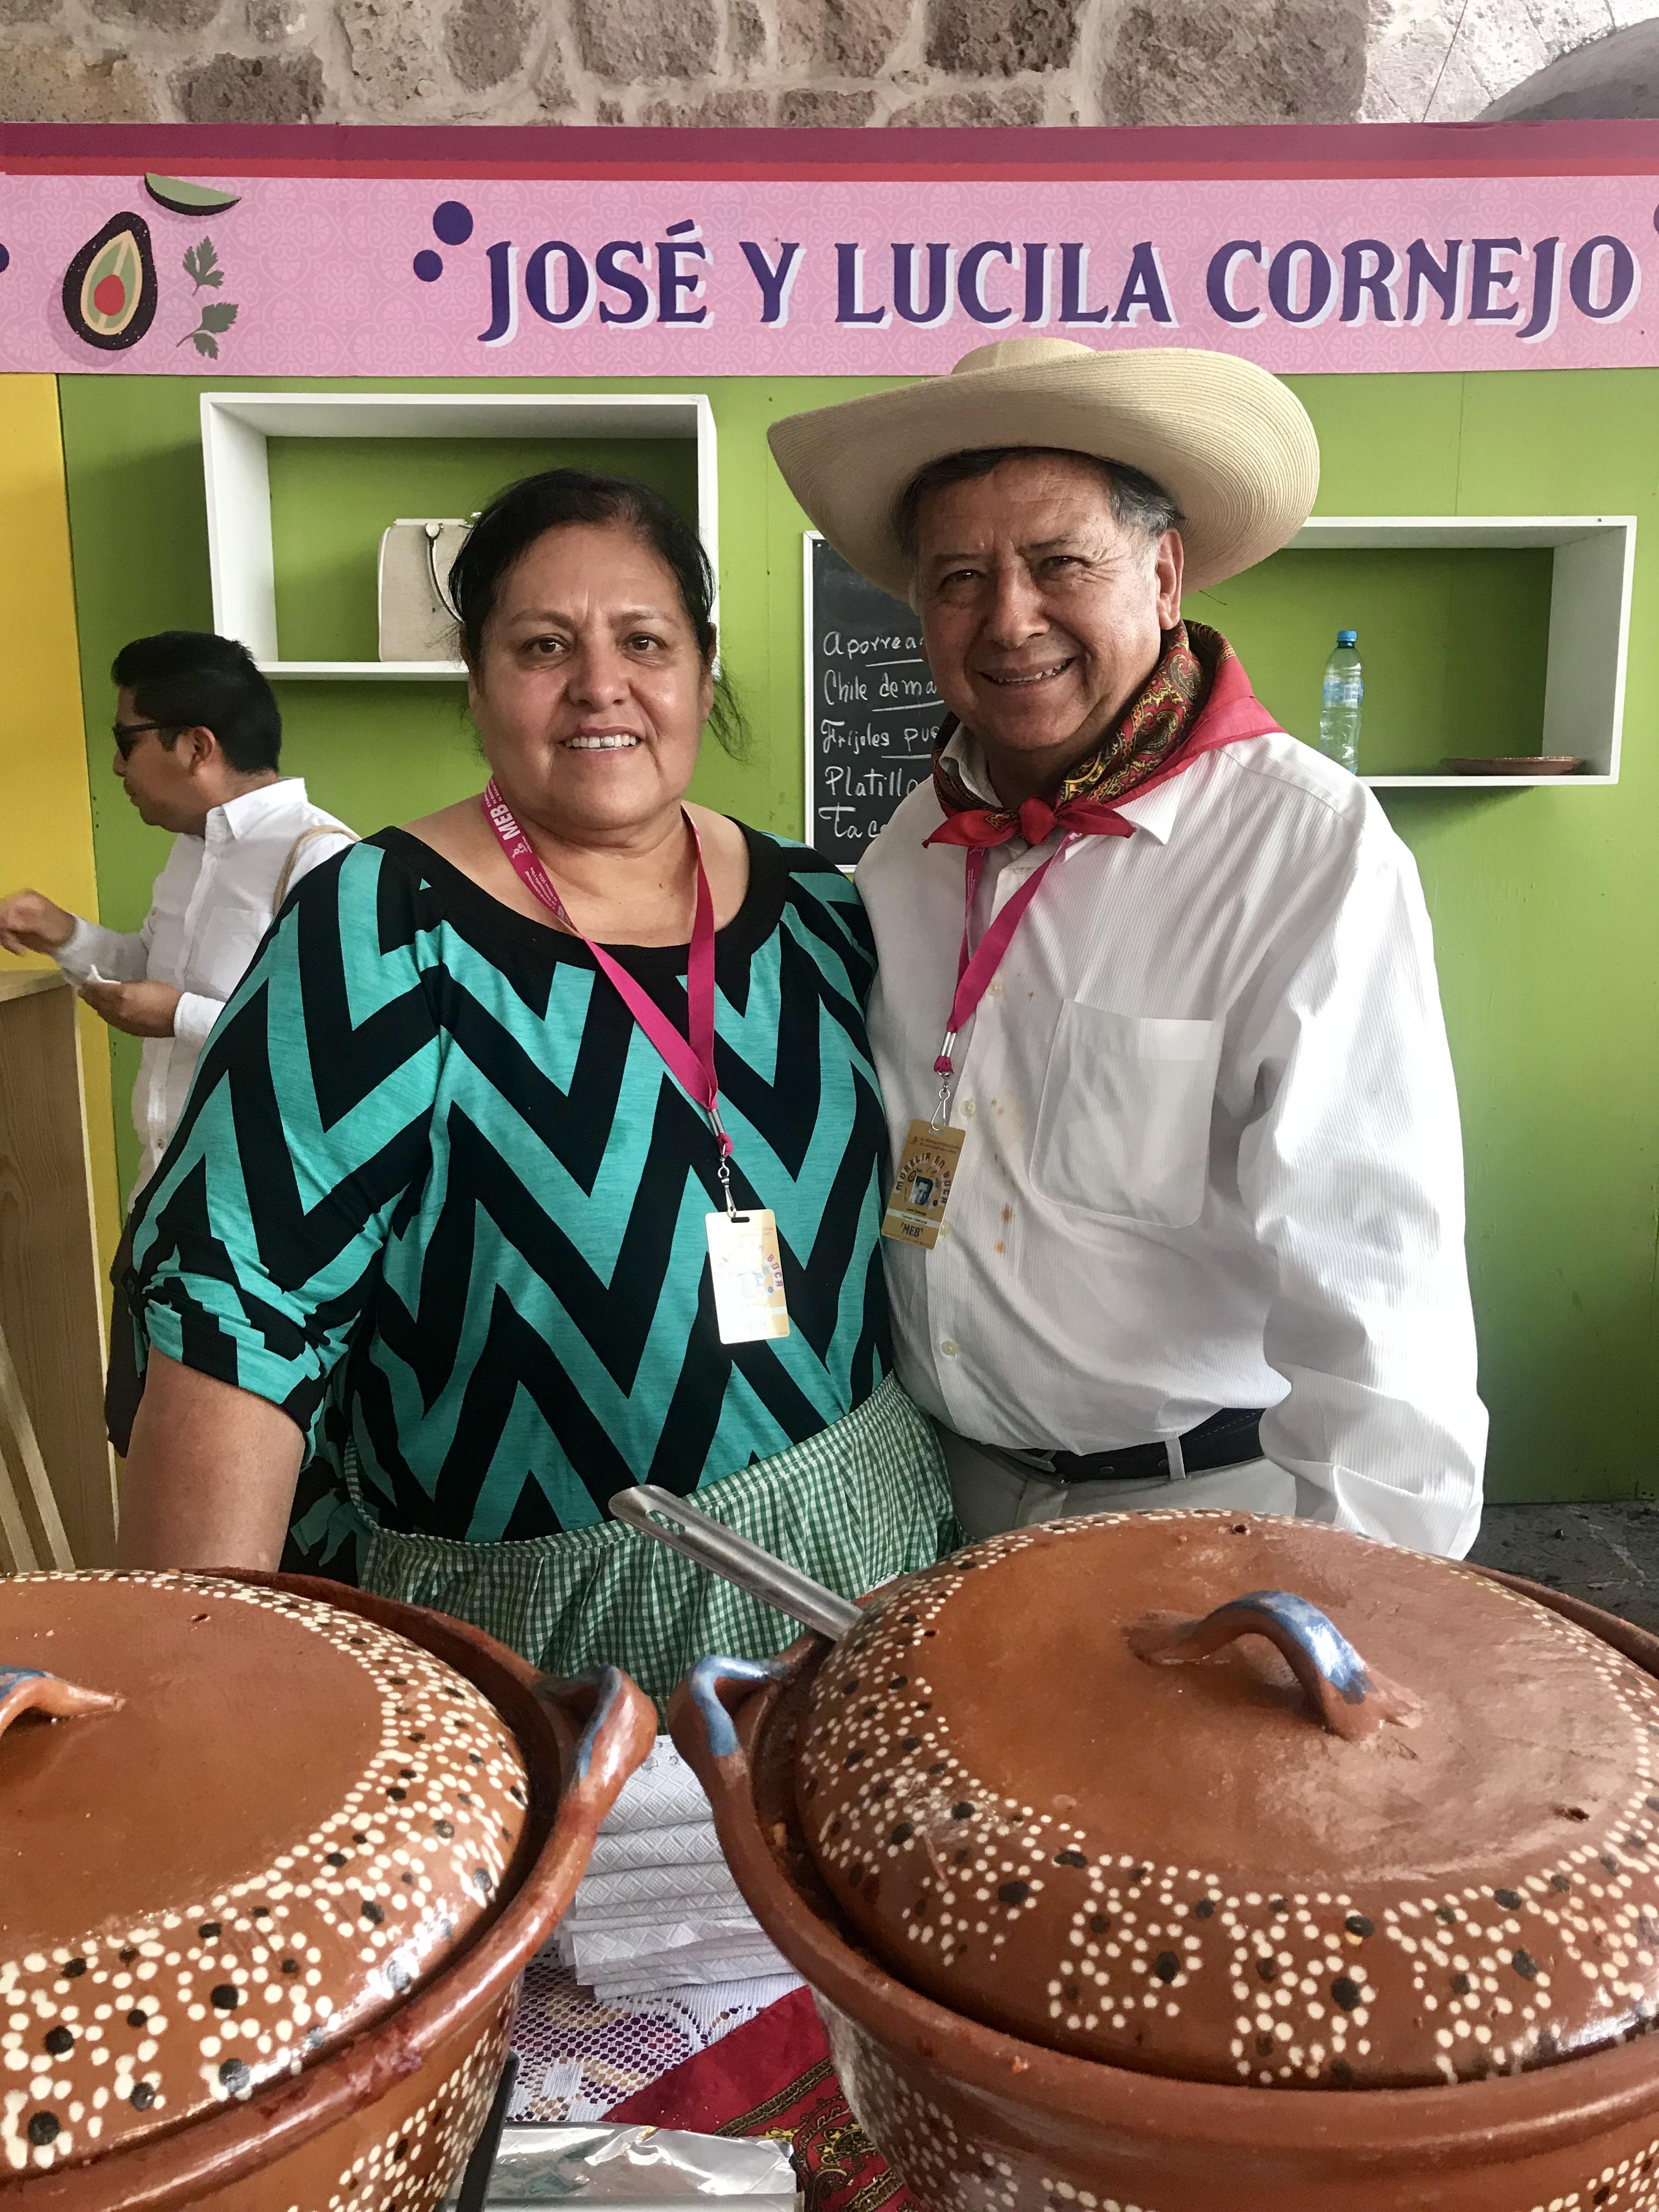 José y Lucila Cornejo, cocineros tradicionales. Gastronomía mexicana y cocina michoacana.